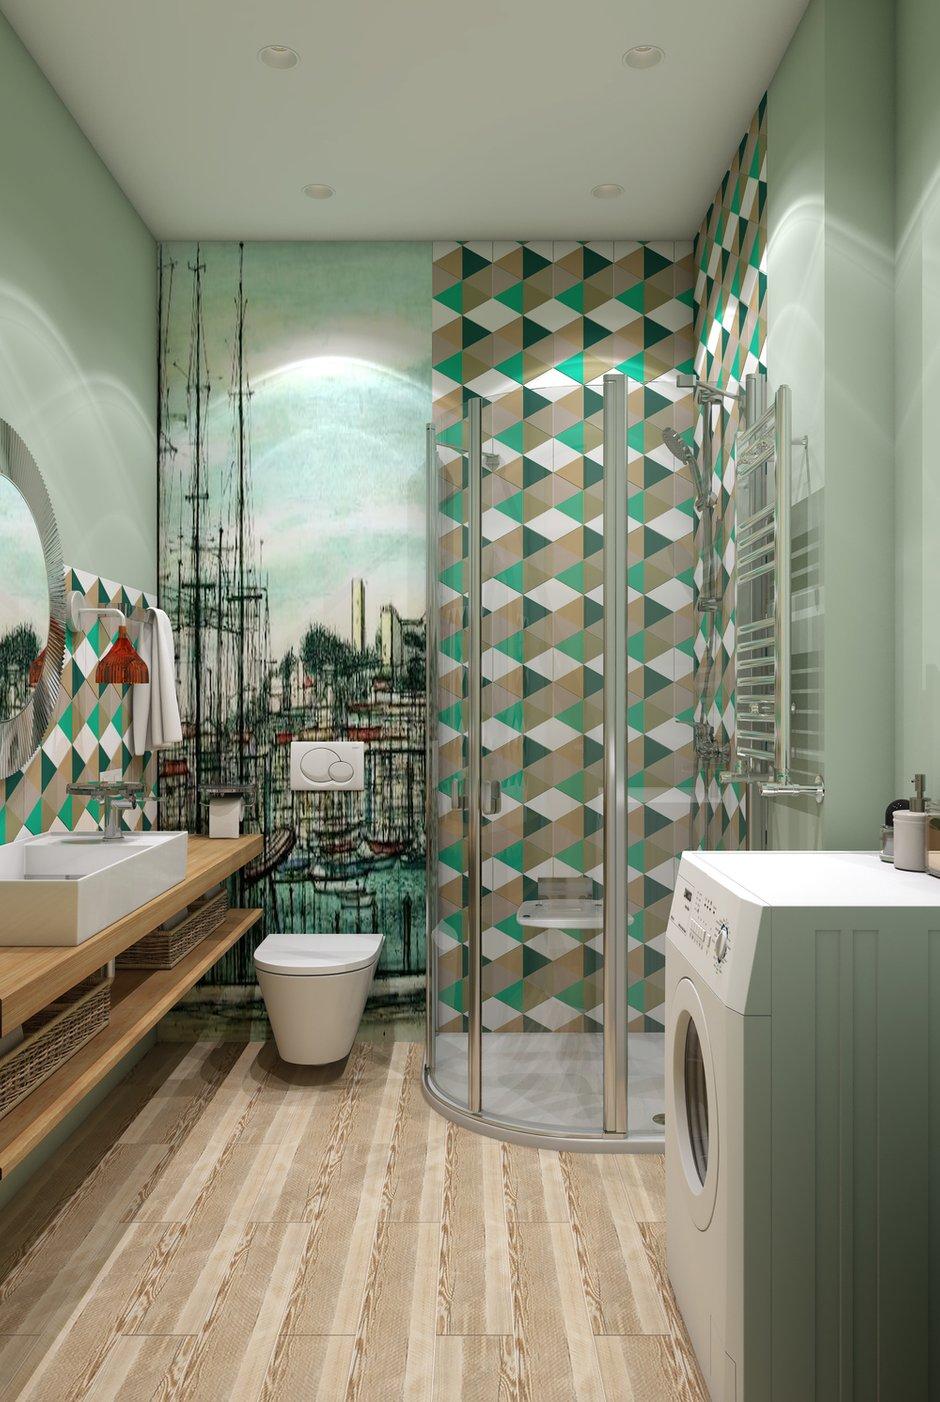 Фотография: Ванная в стиле Современный, Квартира, Студия, Проект недели, Марина Саркисян, Финляндия, до 40 метров – фото на INMYROOM